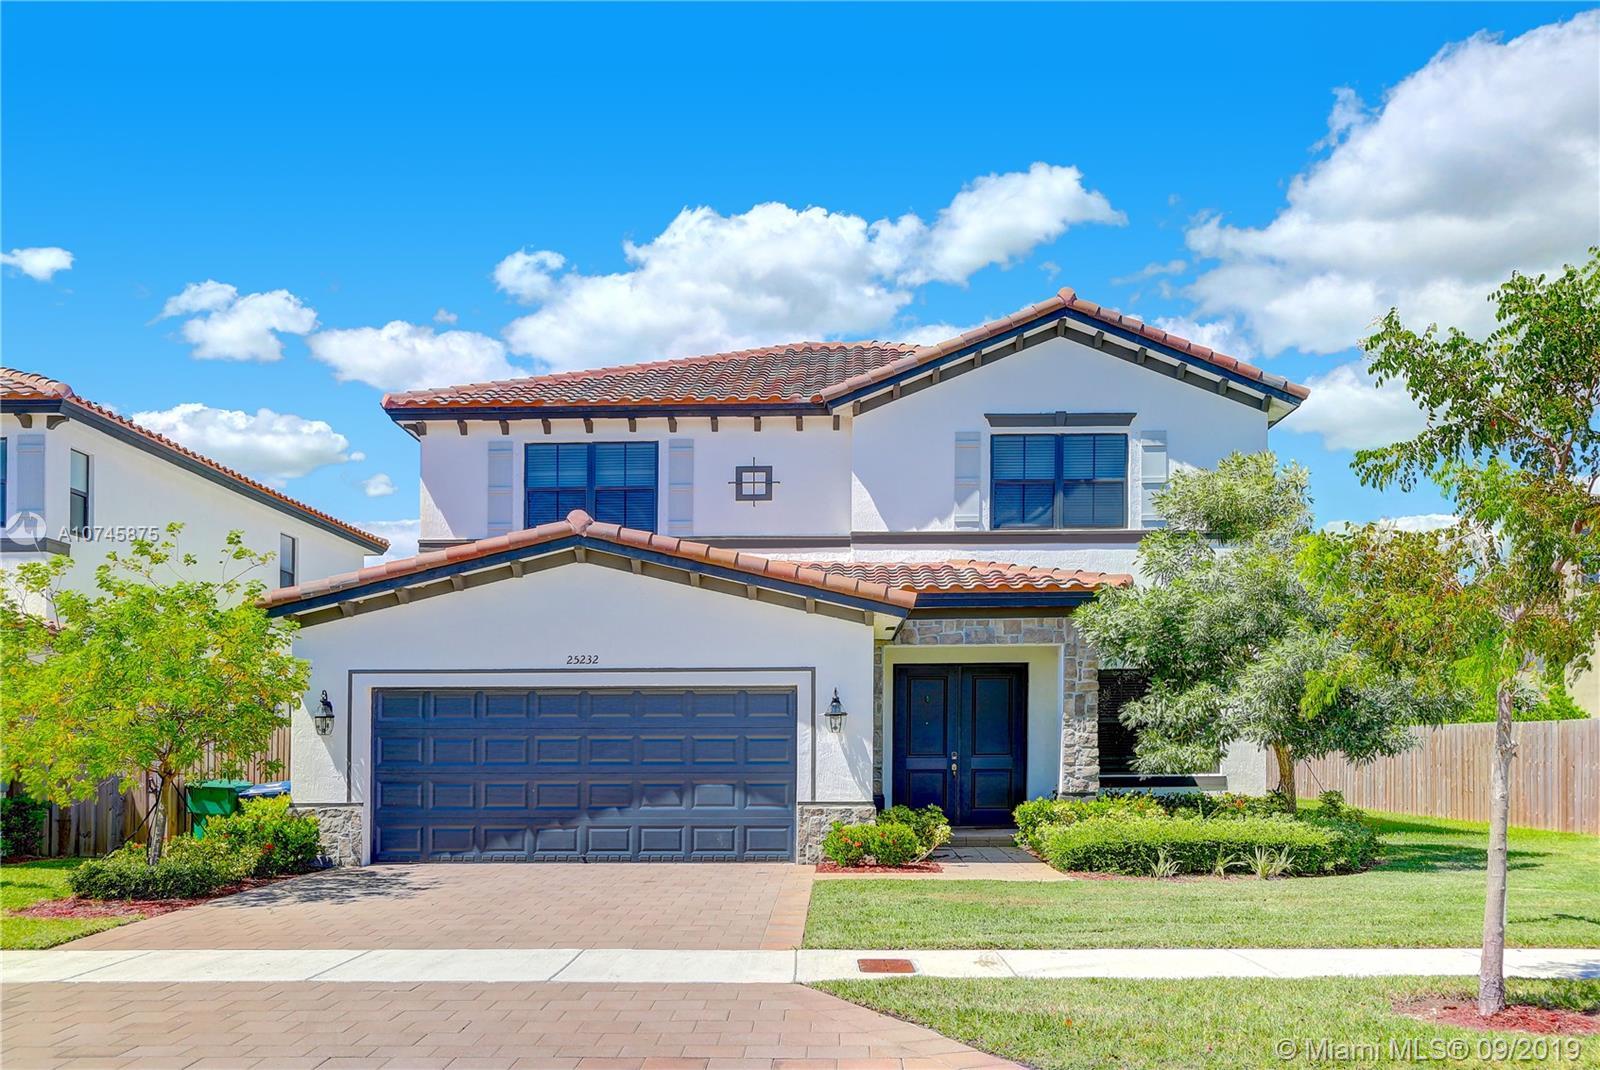 25232 SW 118th Ave, Miami, FL 33032 - Miami, FL real estate listing